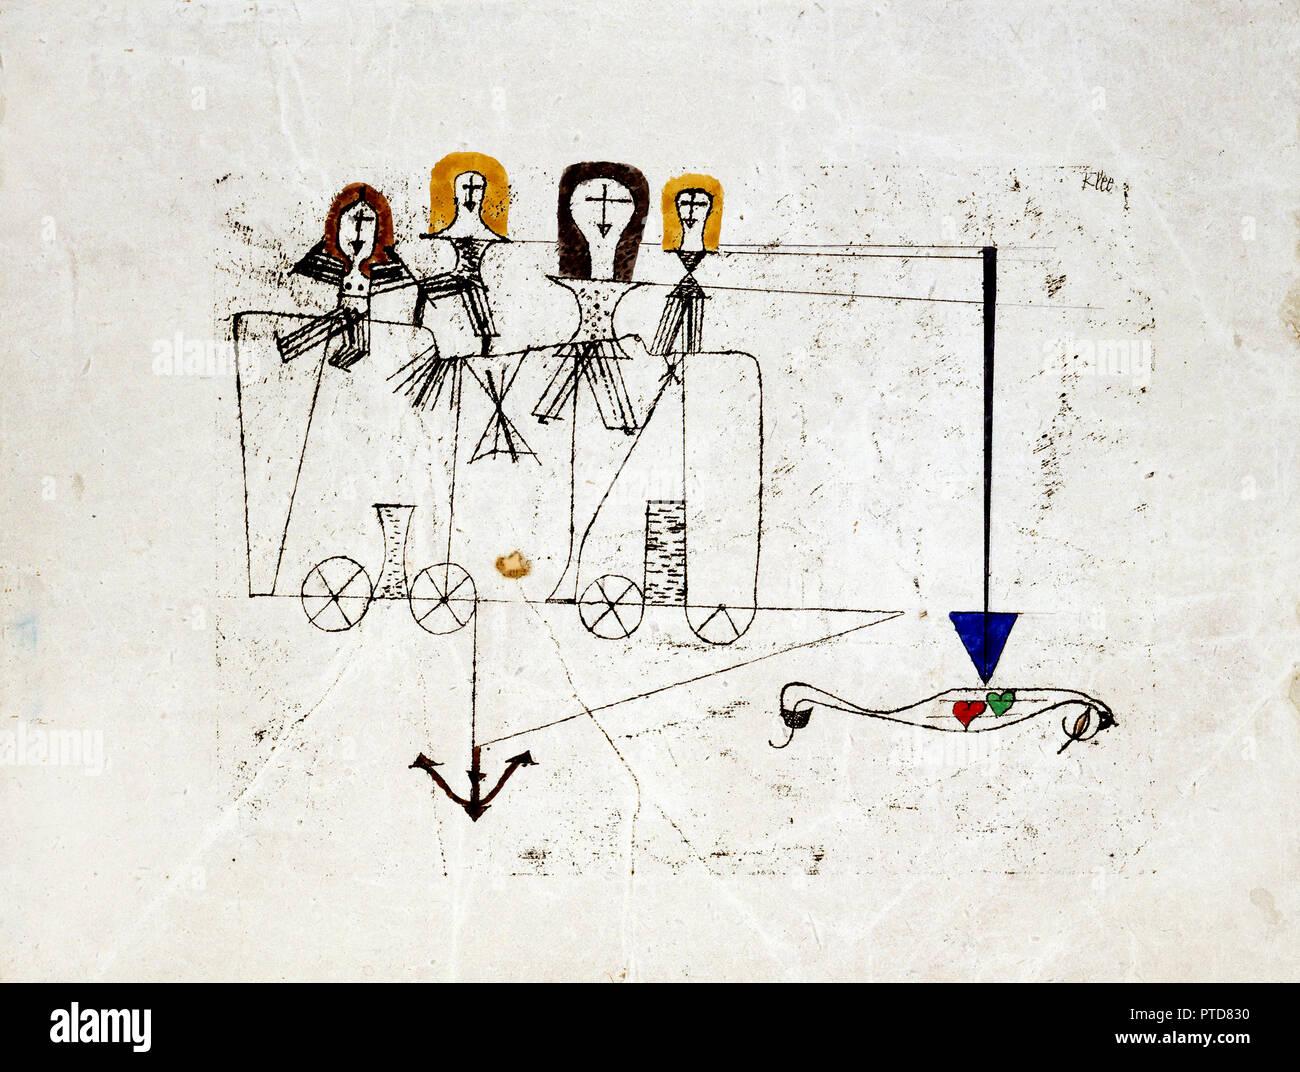 Paul Klee, la virtù del carro alla memoria del 5 ottobre 1922, 1922 trasferimento olio disegno e acquerello su terreno preparato su carta, Nelson-Atkins Museum of Art di Kansas City, Missouri, Stati Uniti d'America. Immagini Stock